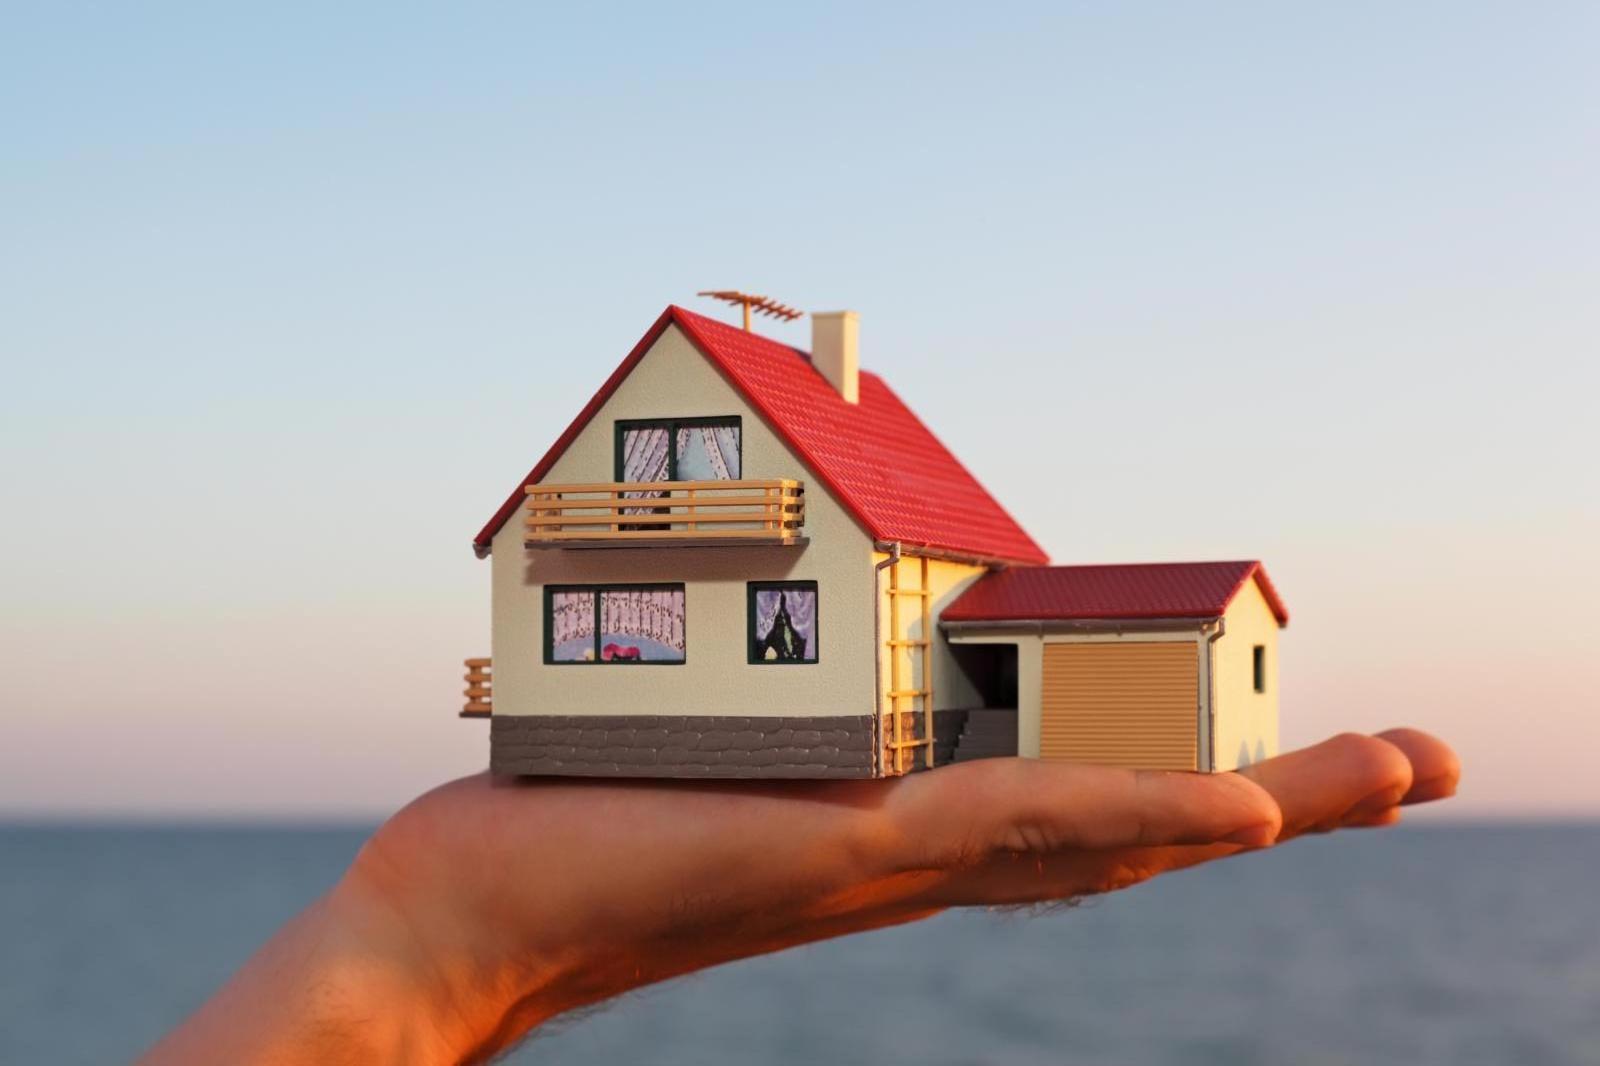 Картинки домов на руке